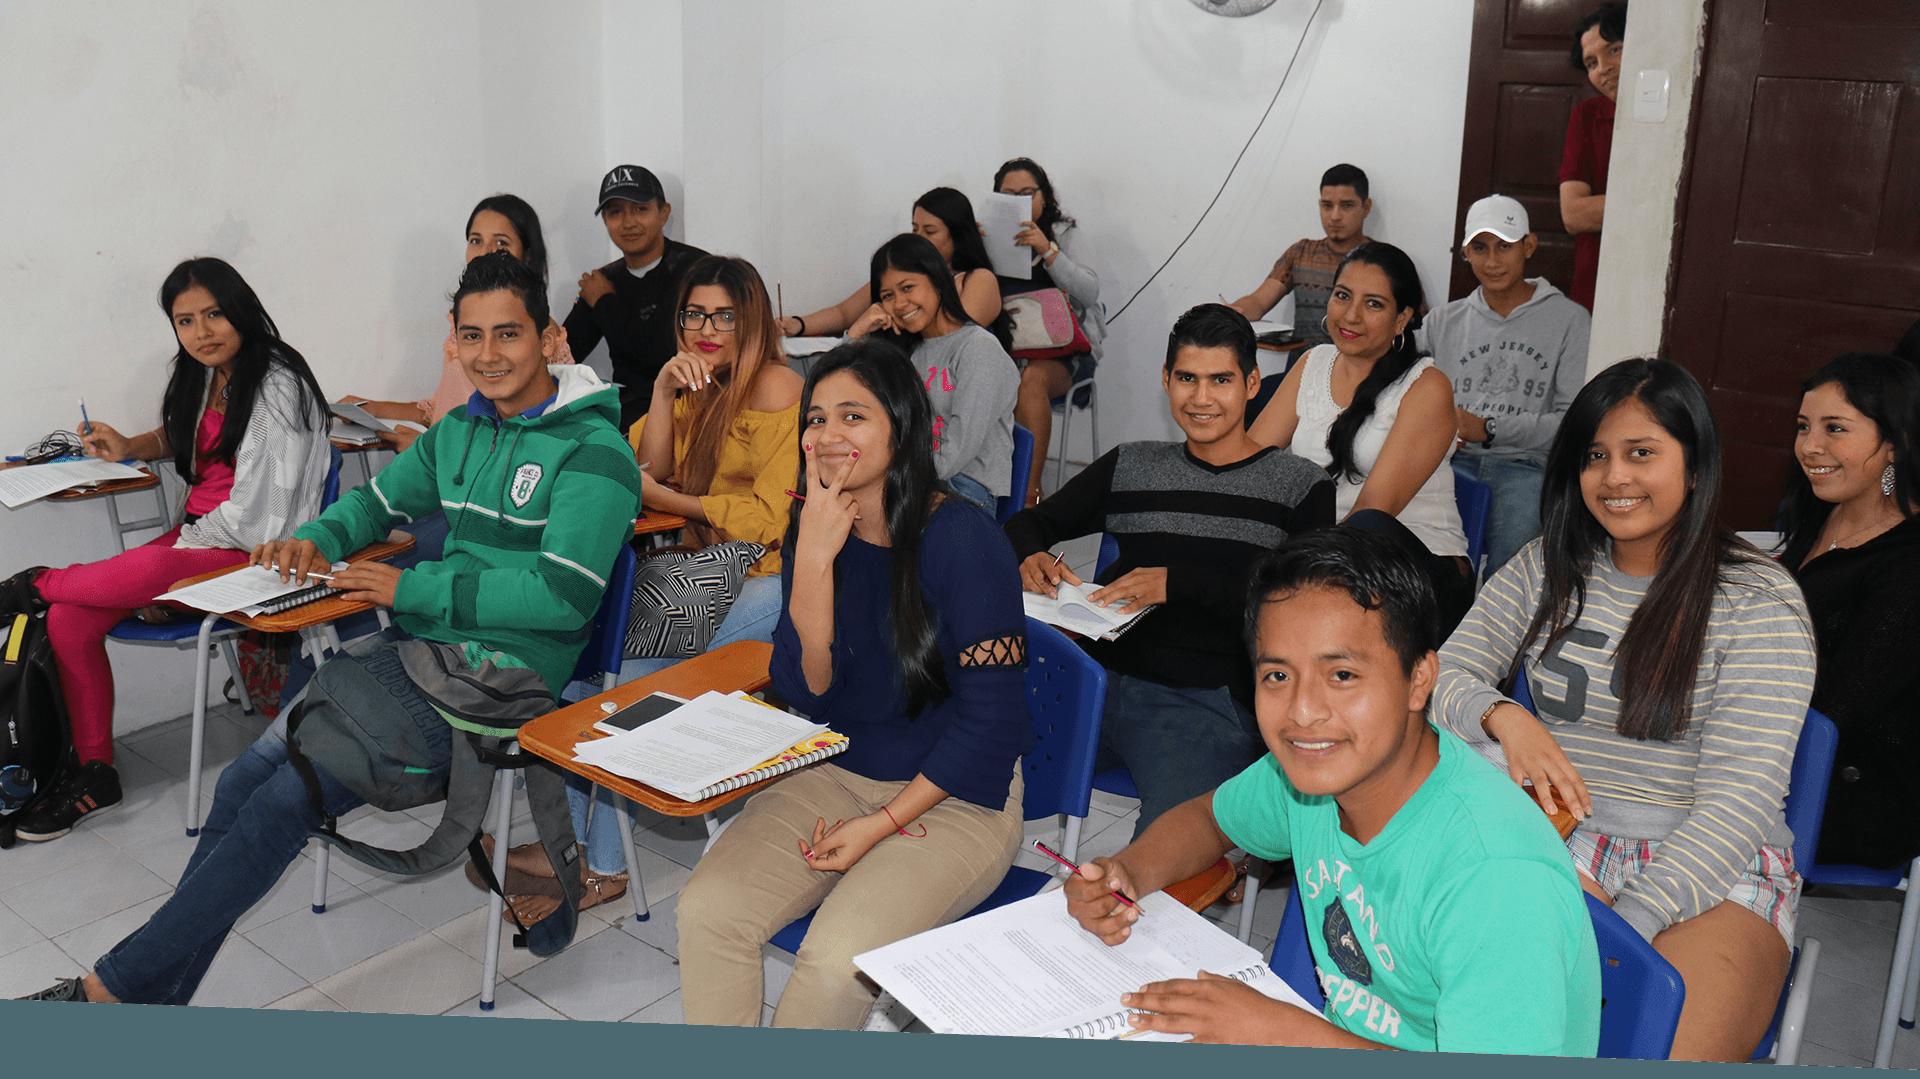 Alumnos en clases de preunviersitario aprender ambato